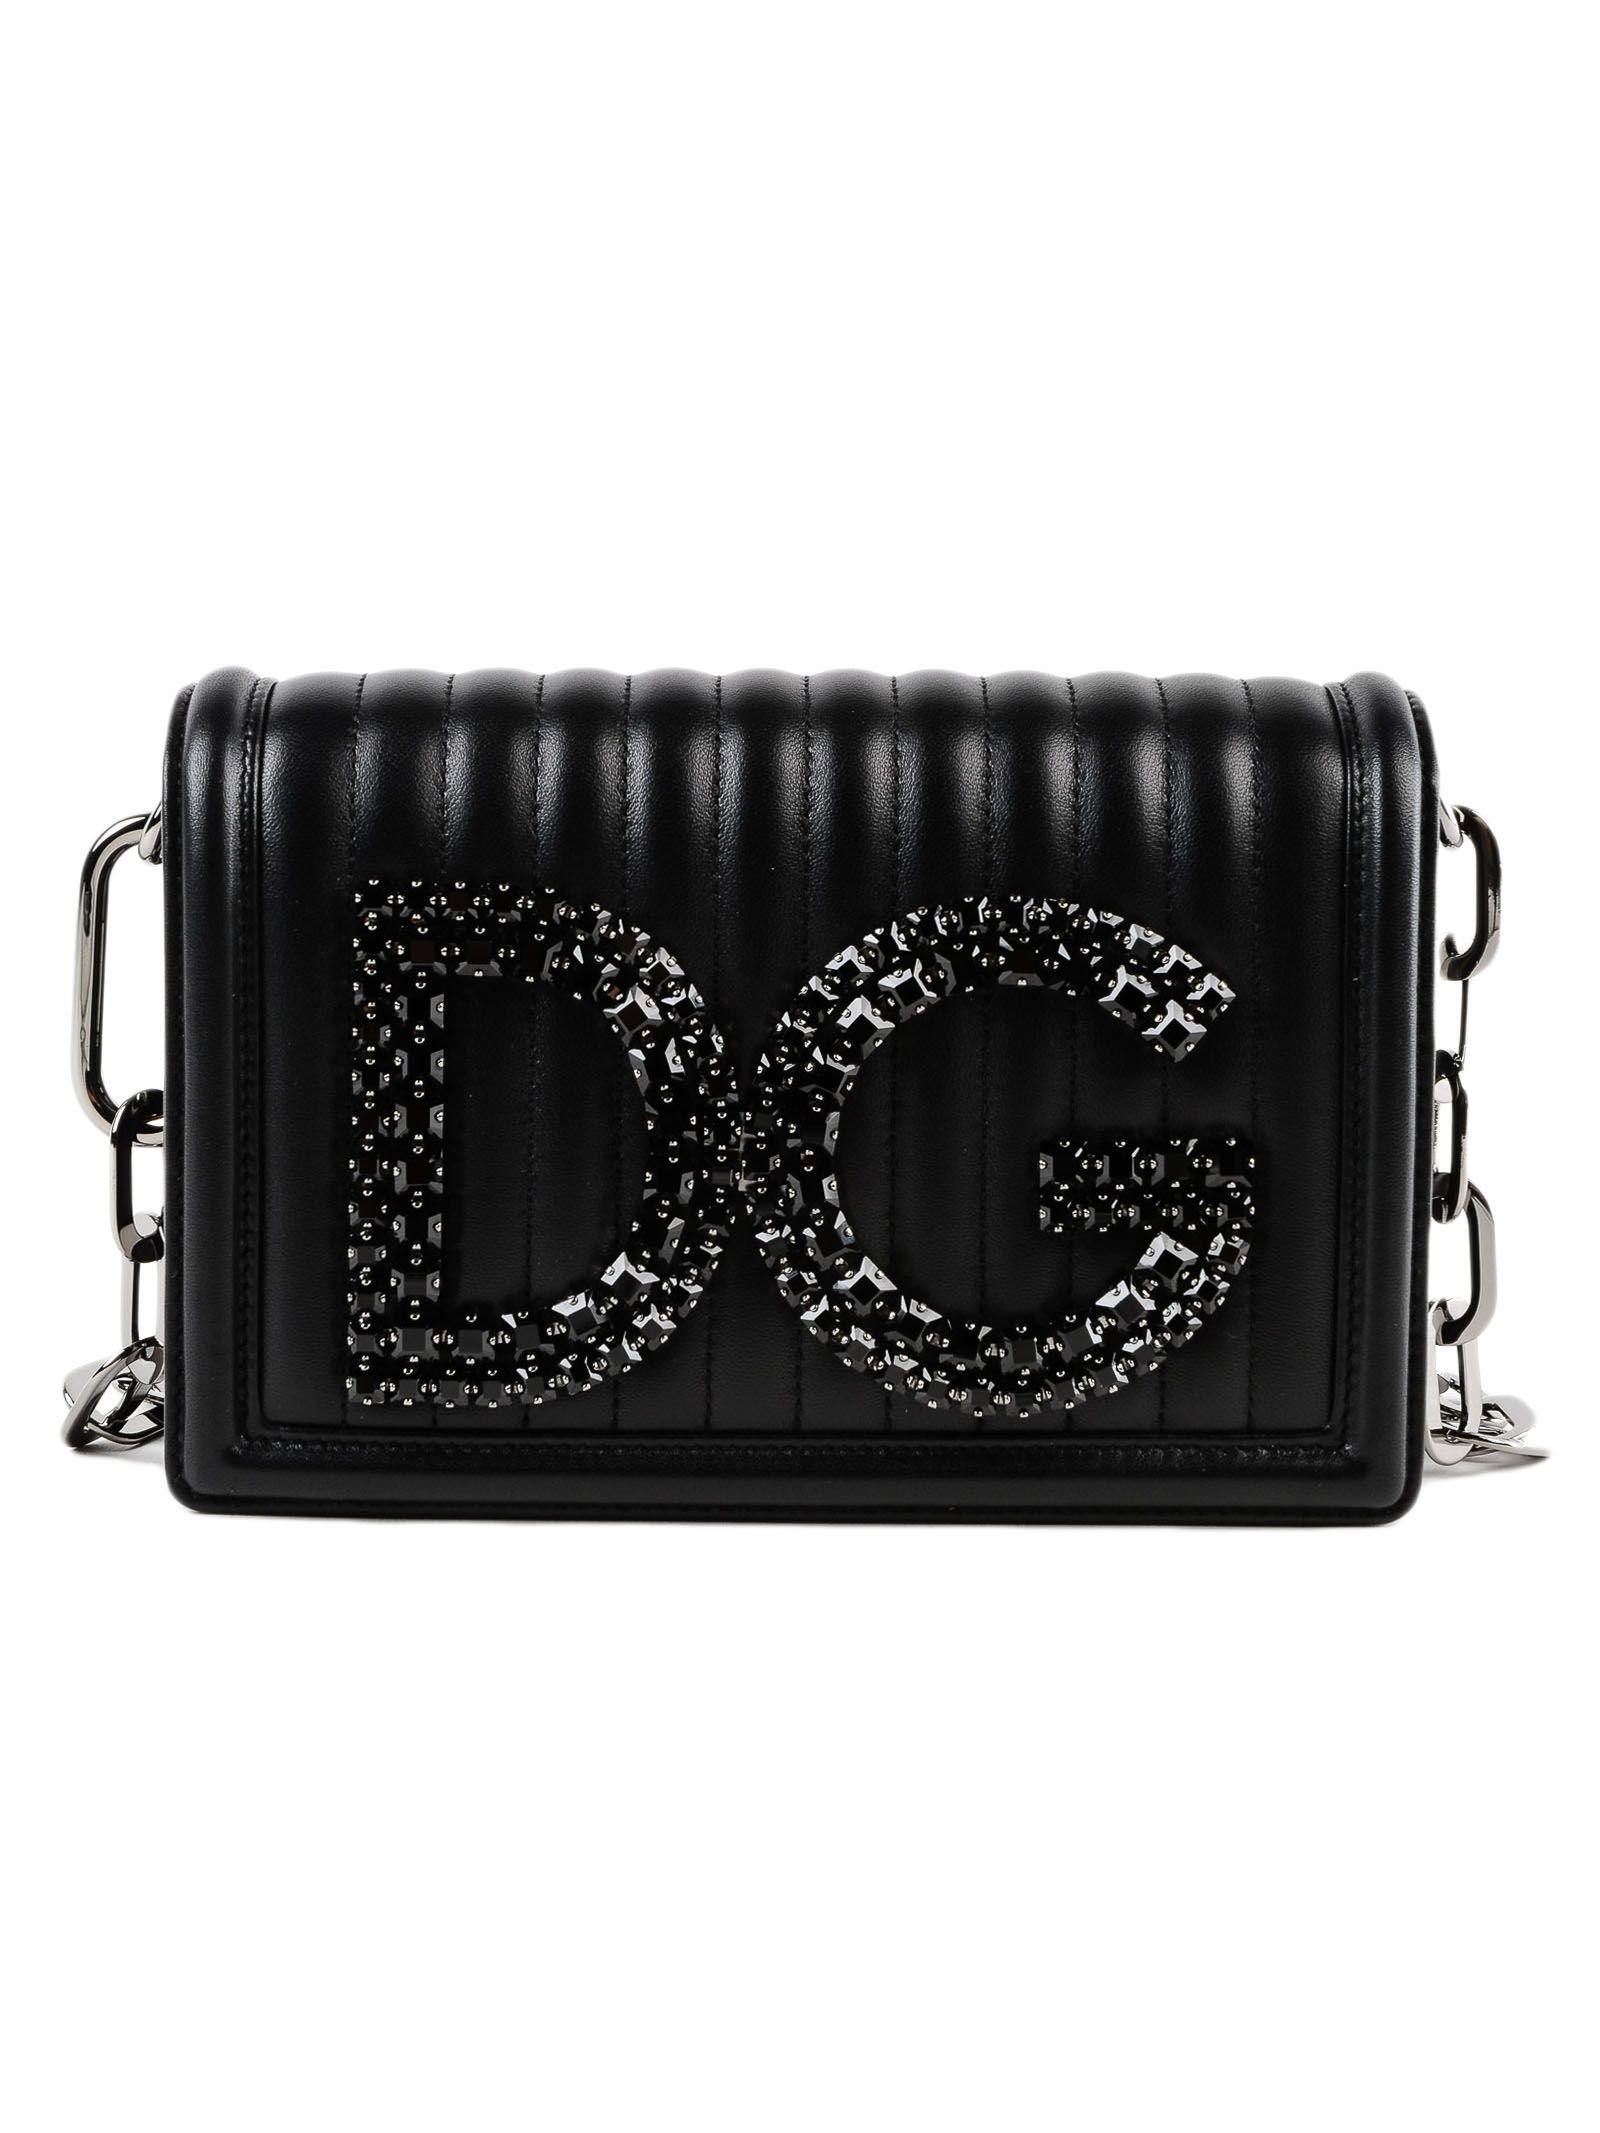 Dolce & Gabbana Matelassé Dg Clutch